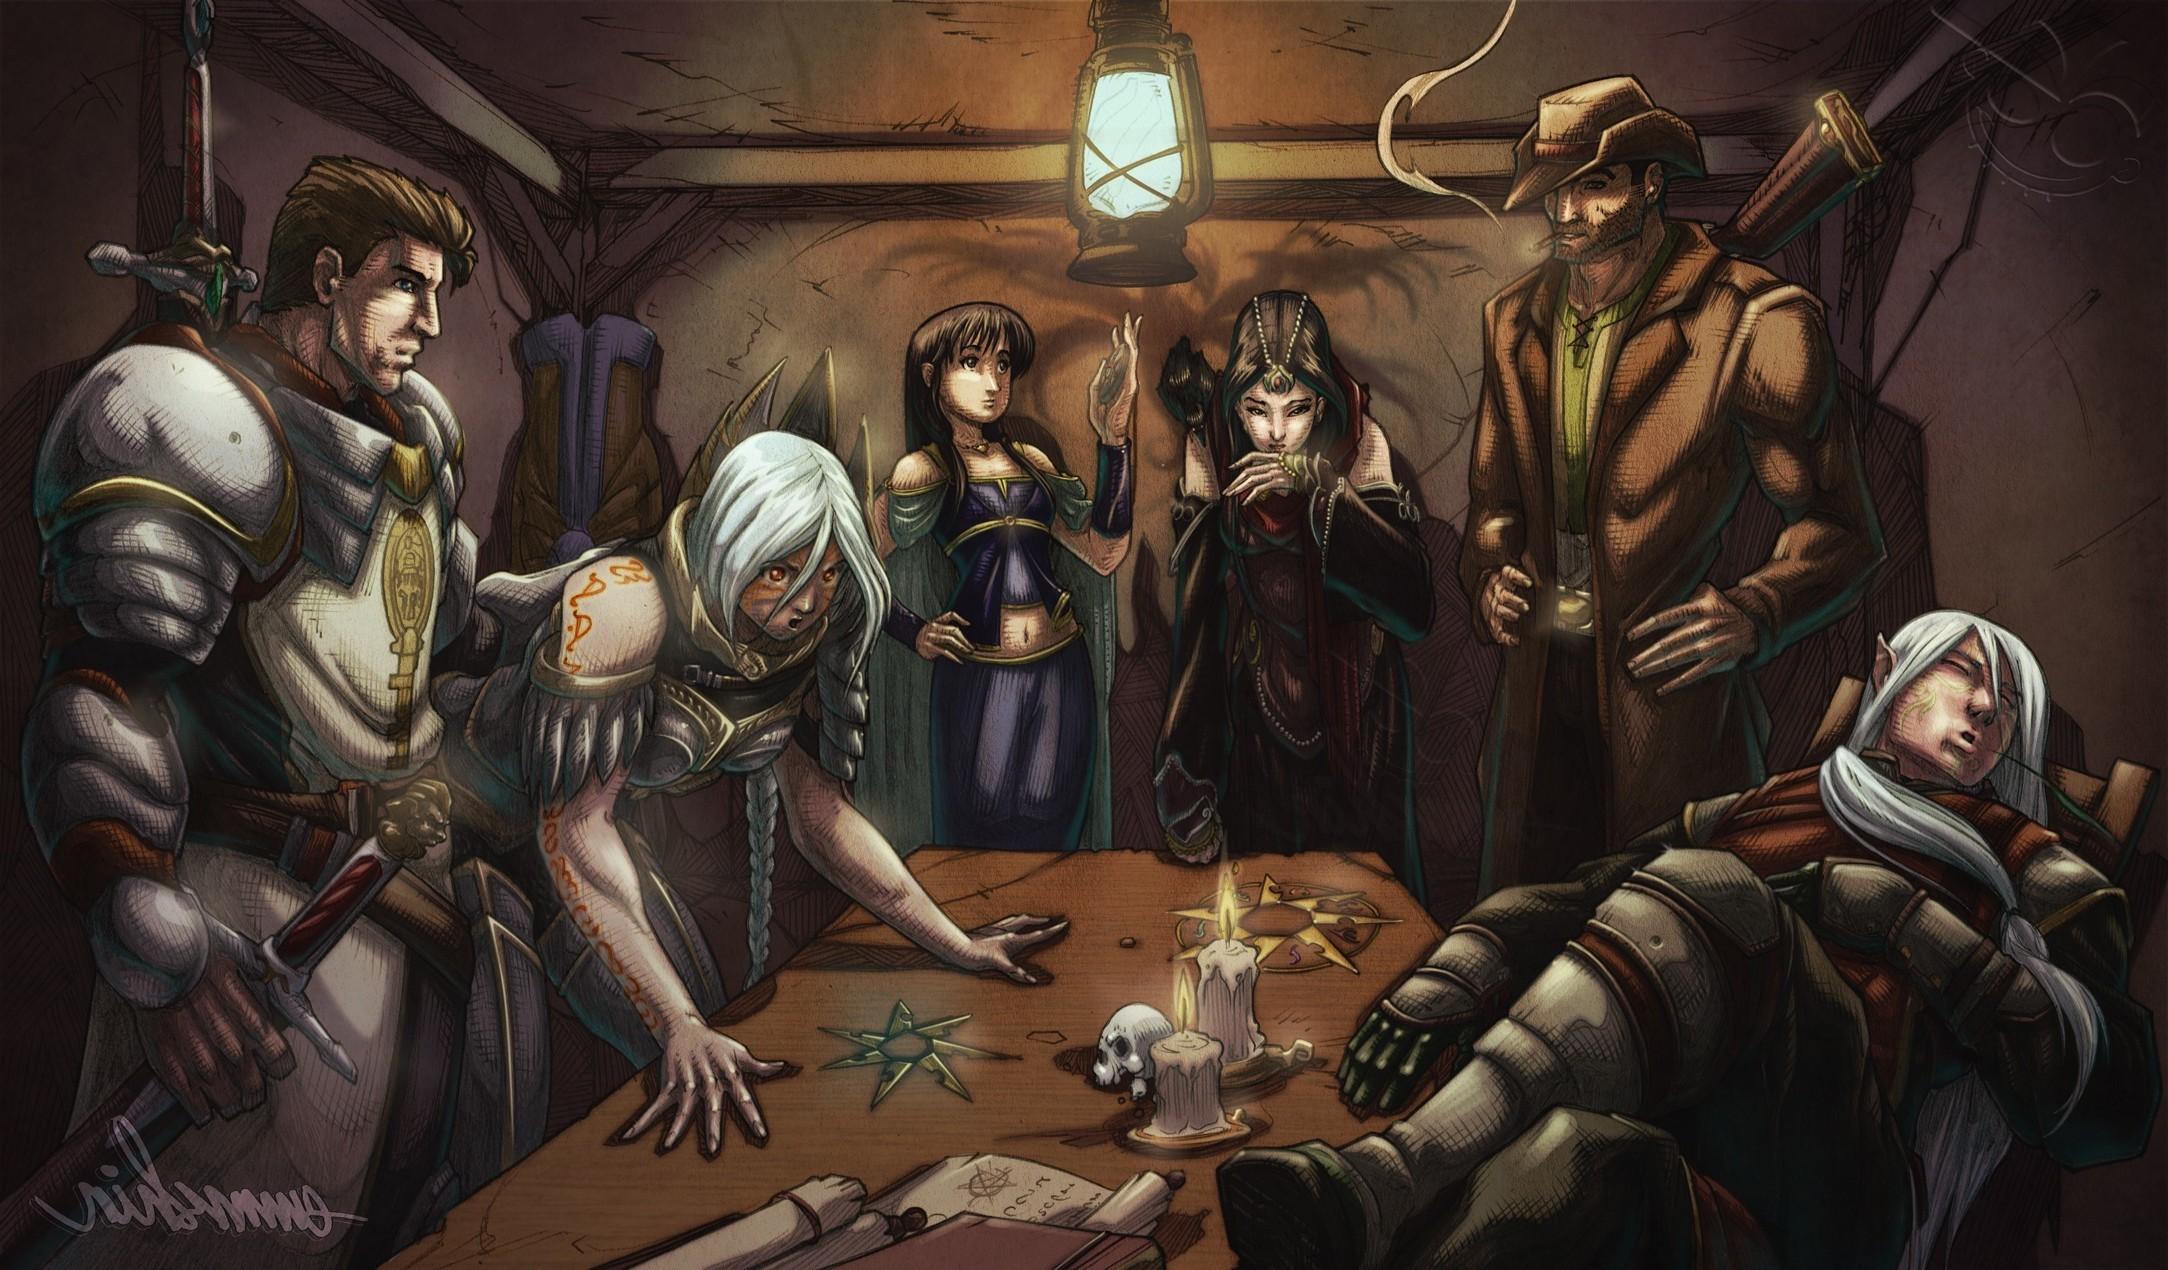 Res: 2168x1270, Ragnarok Online, Pathfinder, Mmorpg, Fantasy Art Wallpapers HD / Desktop  and Mobile Backgrounds